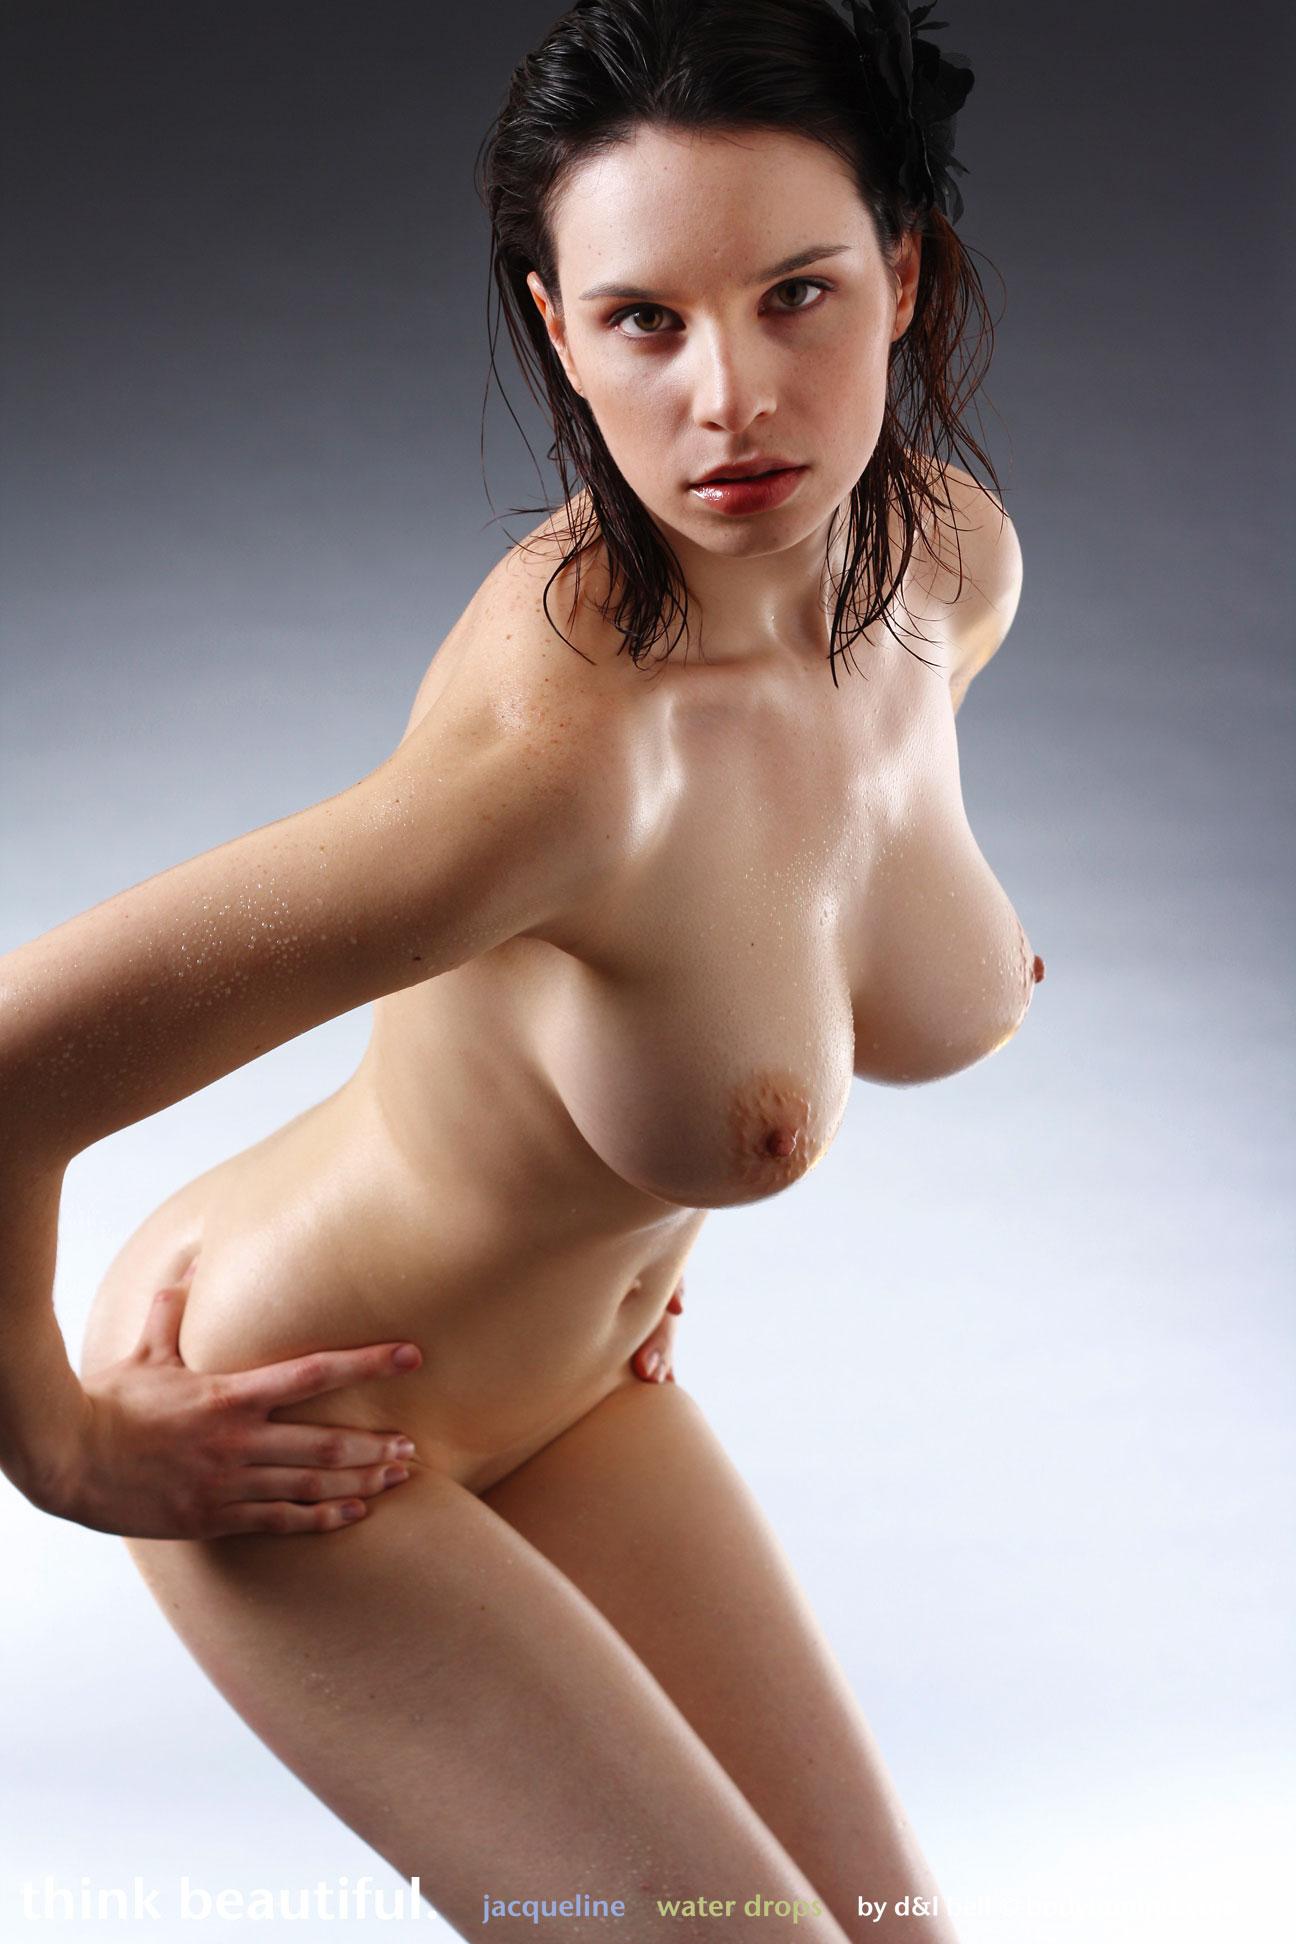 Jacqueline Wet Body-6428